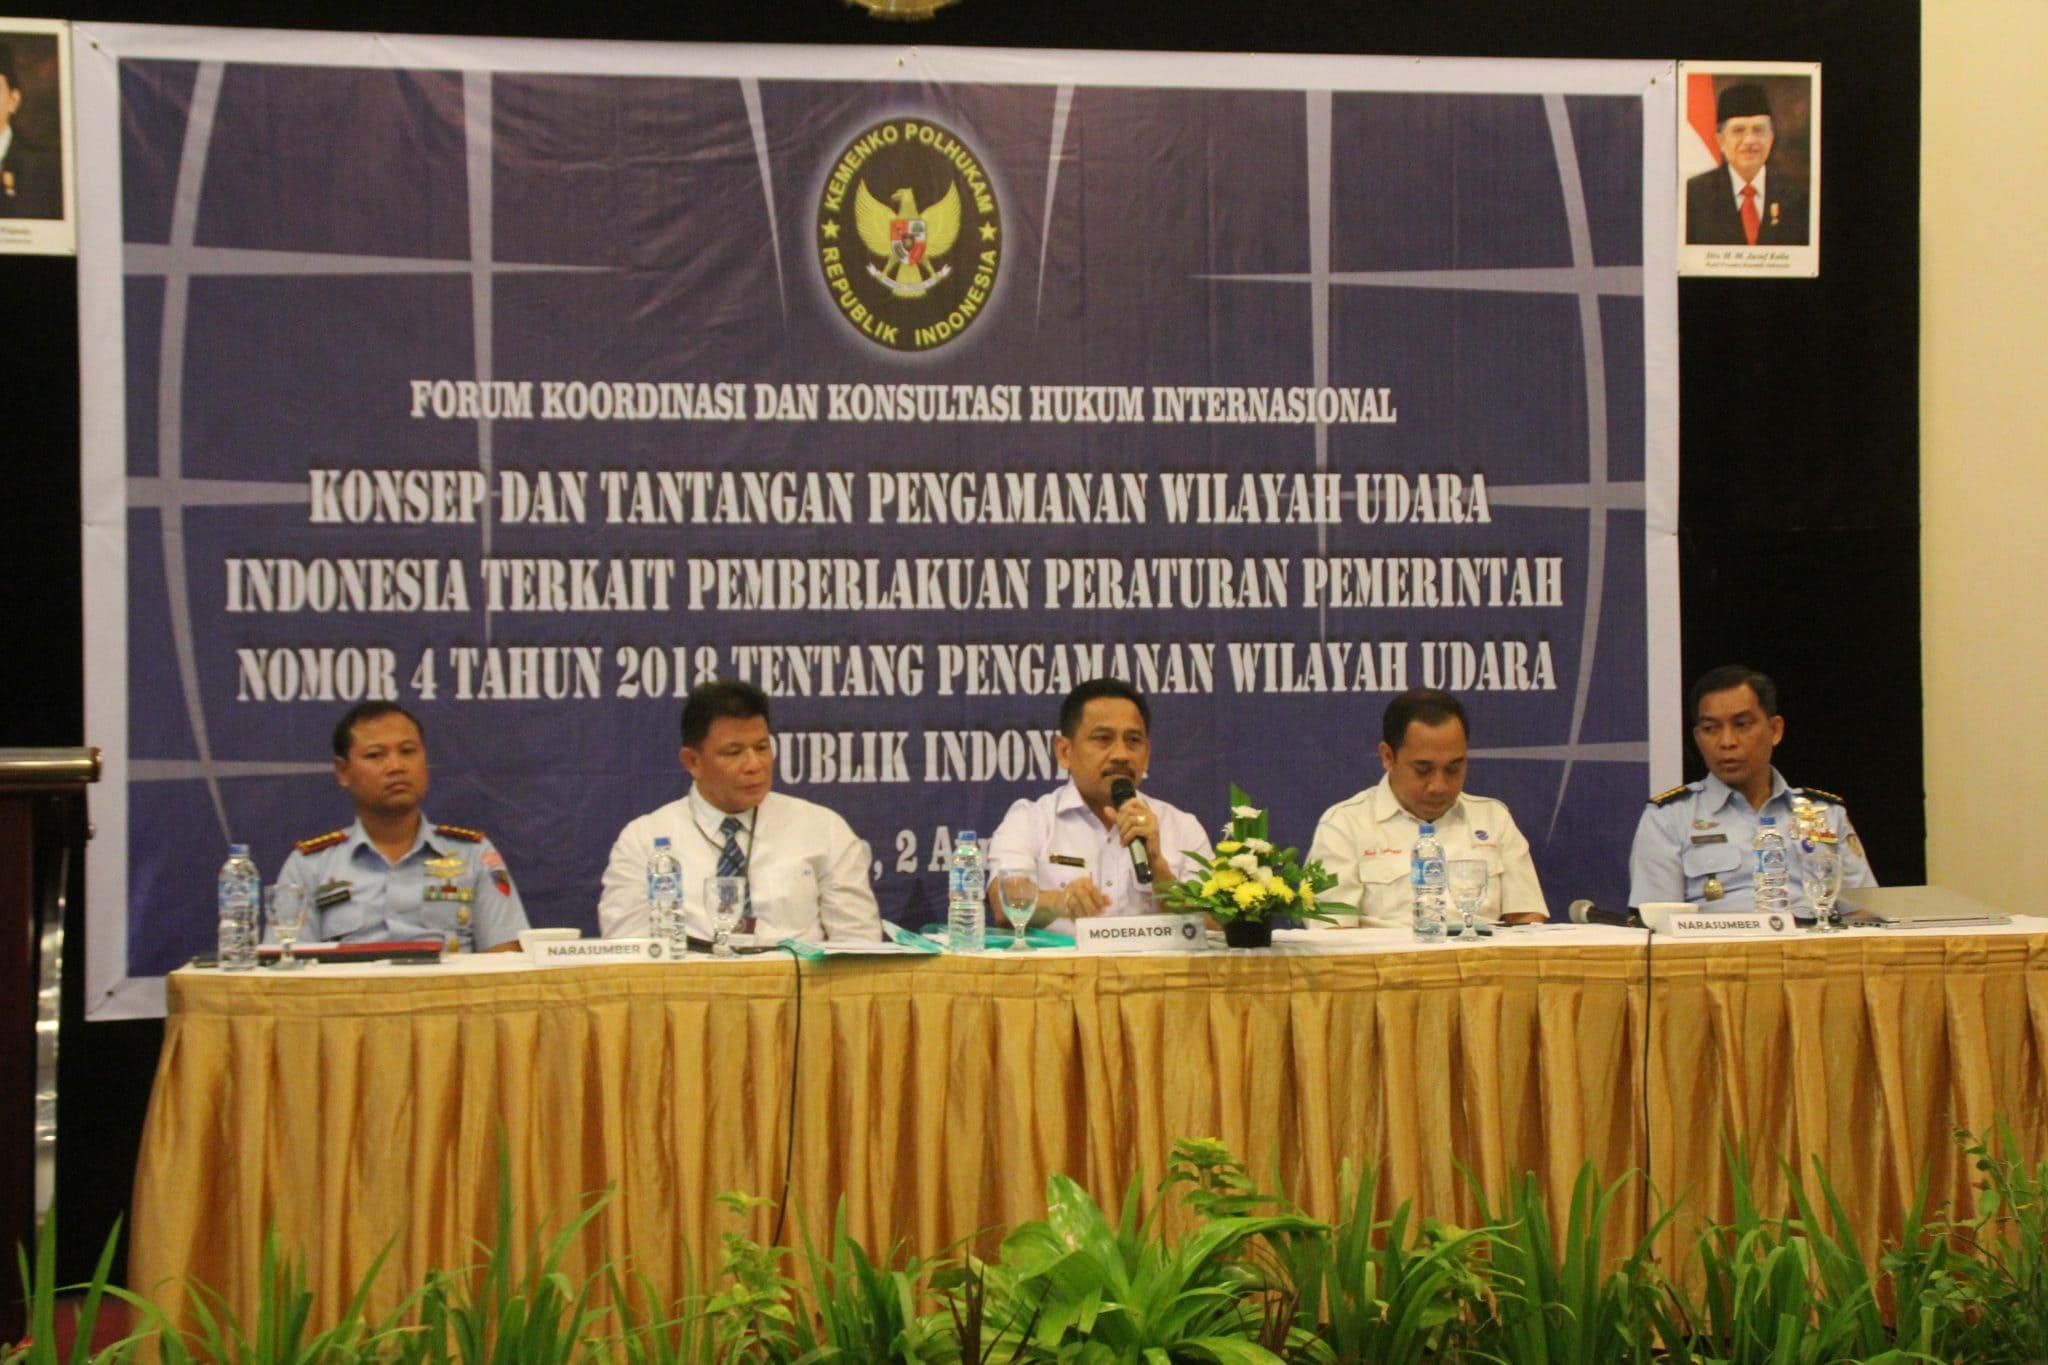 Komandan Lanud Sam Ratulangi Manado Sebagai Narasumber Acara FKK Hukum Internasional